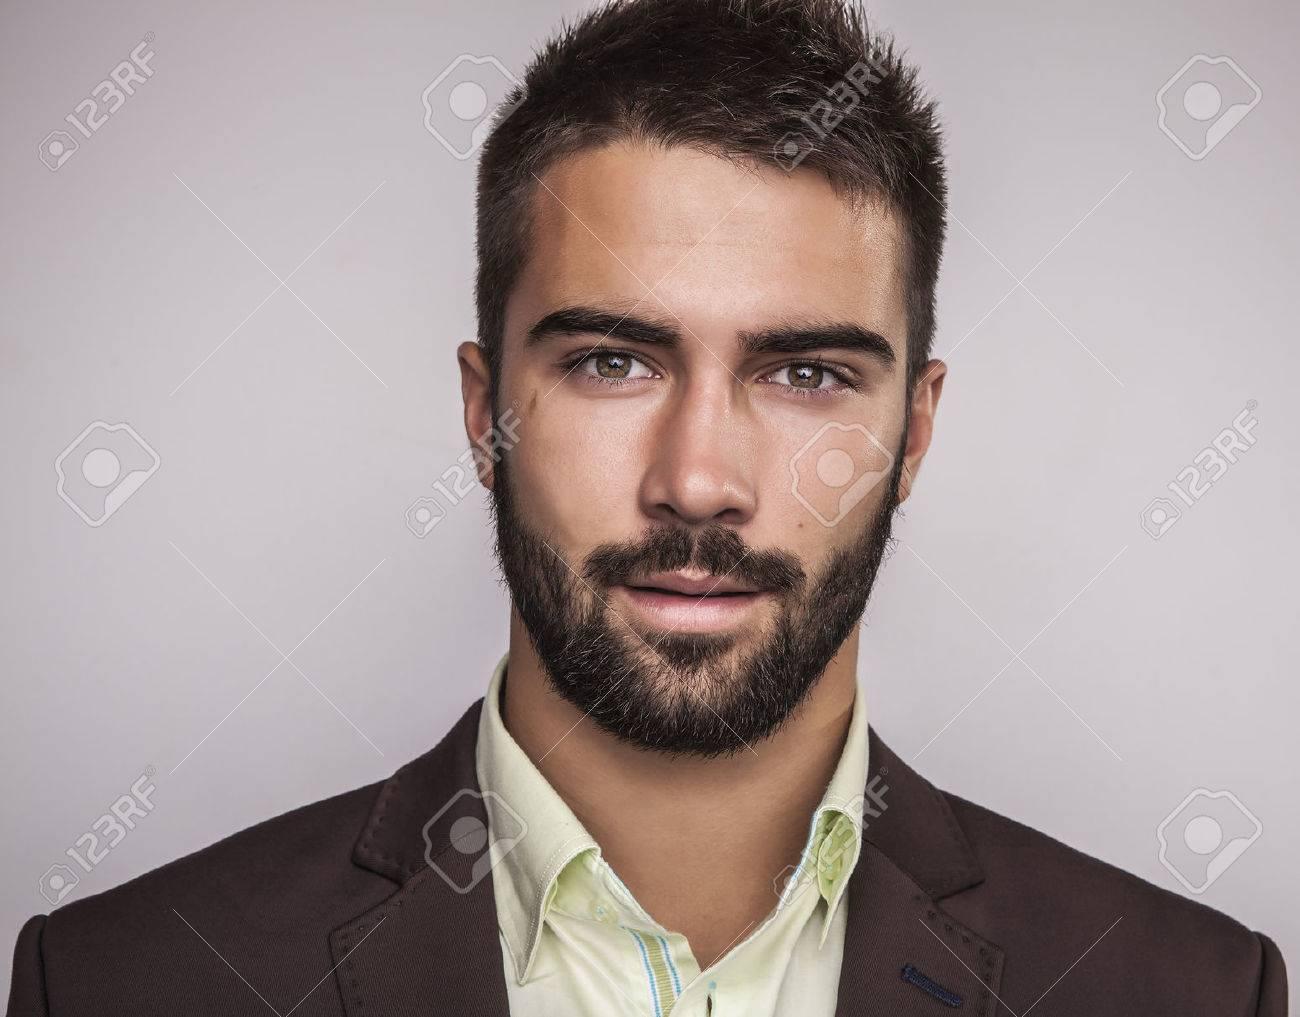 Élégant jeune homme beau portrait de mode studio Banque d'images - 22572385